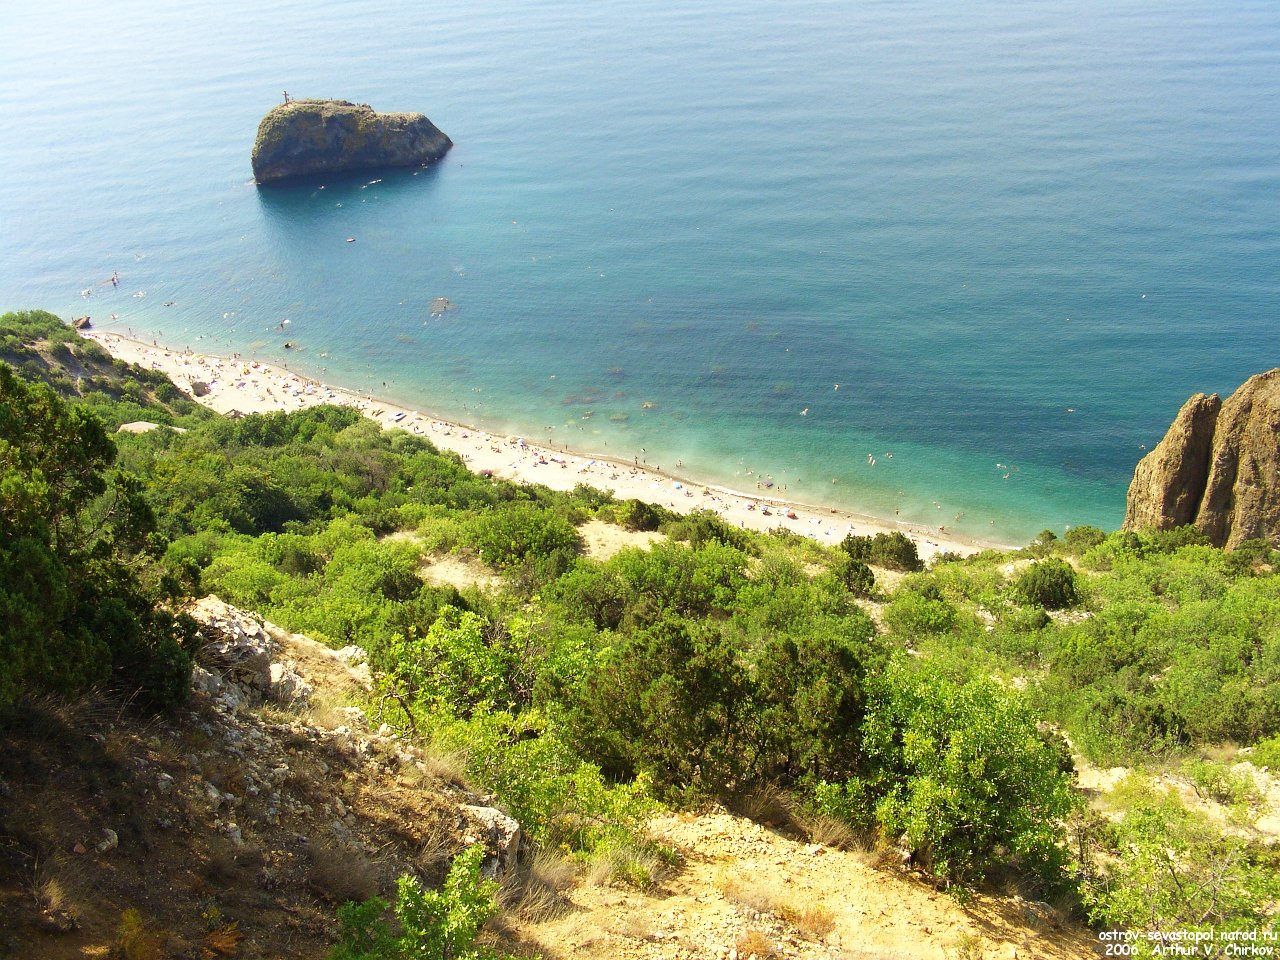 yashmovy_beach_2